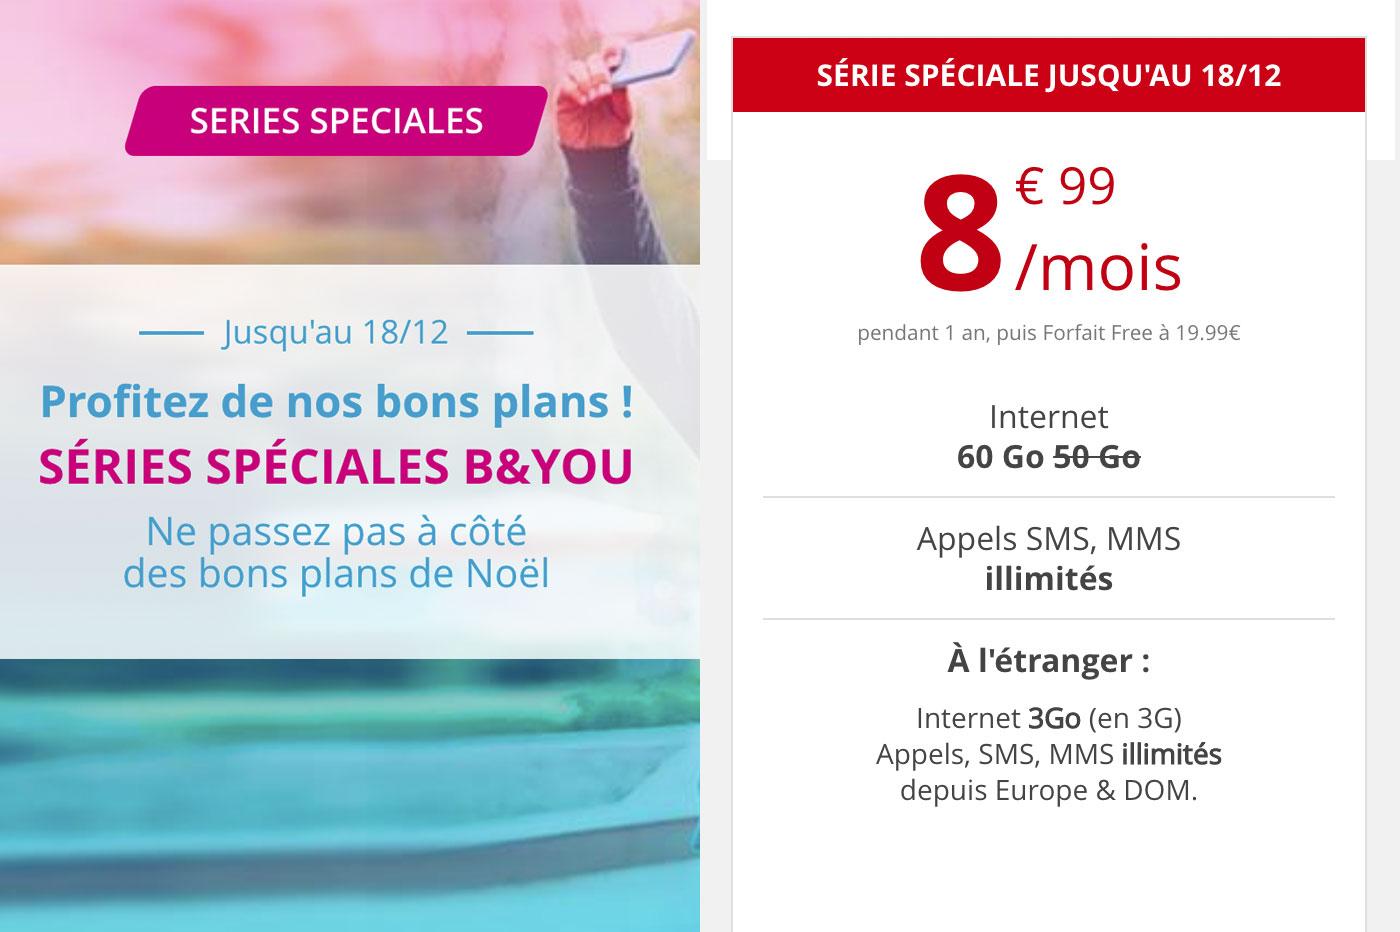 Le forfait mobile illimité B&You à 9,99€ expire ce soir, Free aussi